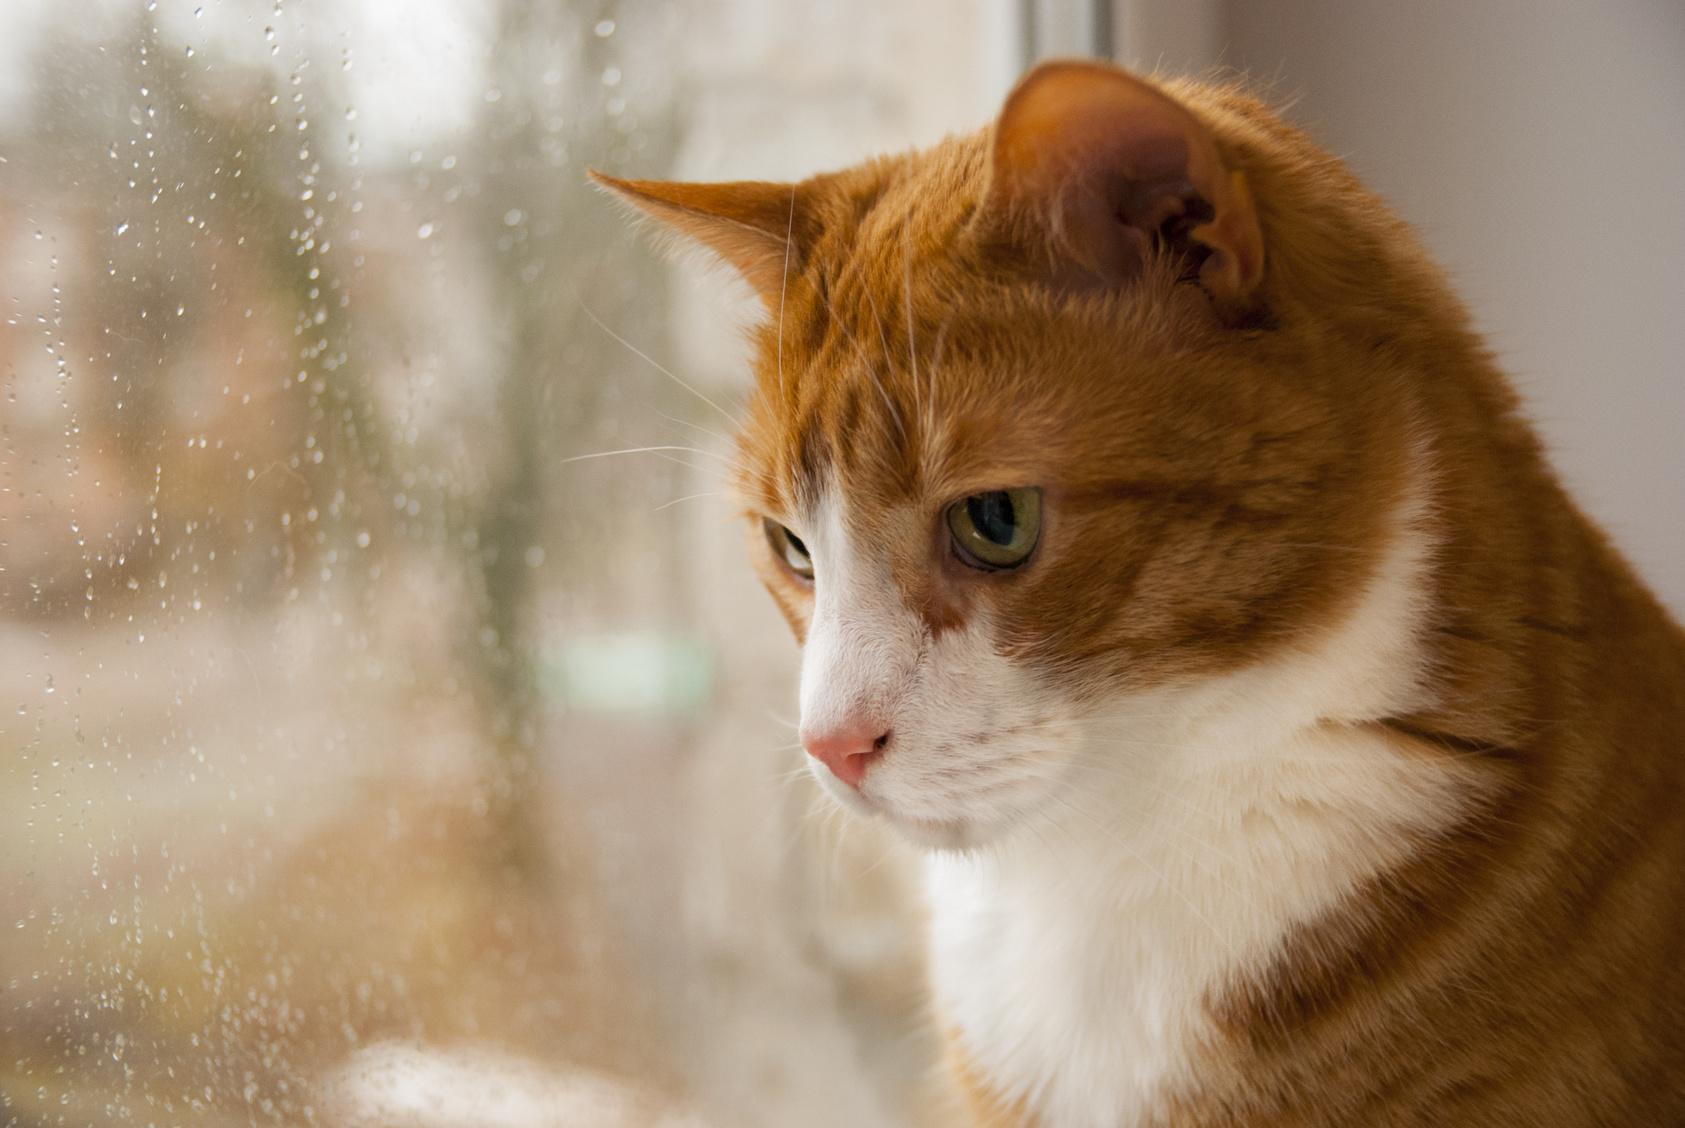 梅雨時期は猫にとっても不快…梅雨に猫がかかりやすい病気と予防法